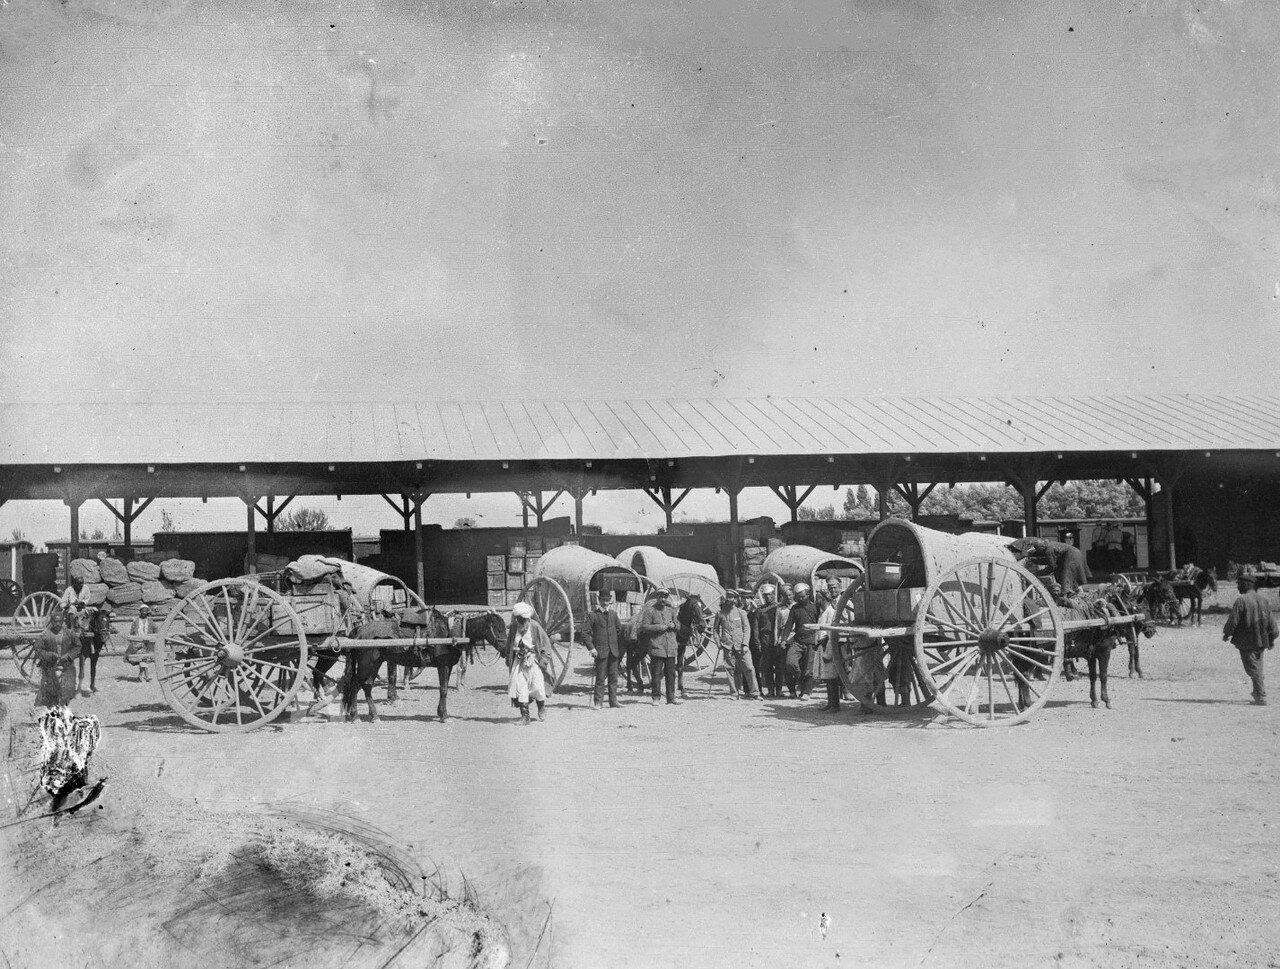 Самарканд. Научно-исследовательская экспедиция грузит свое оборудование в вагон на железнодорожном вокзале перед отъездом в Андижан